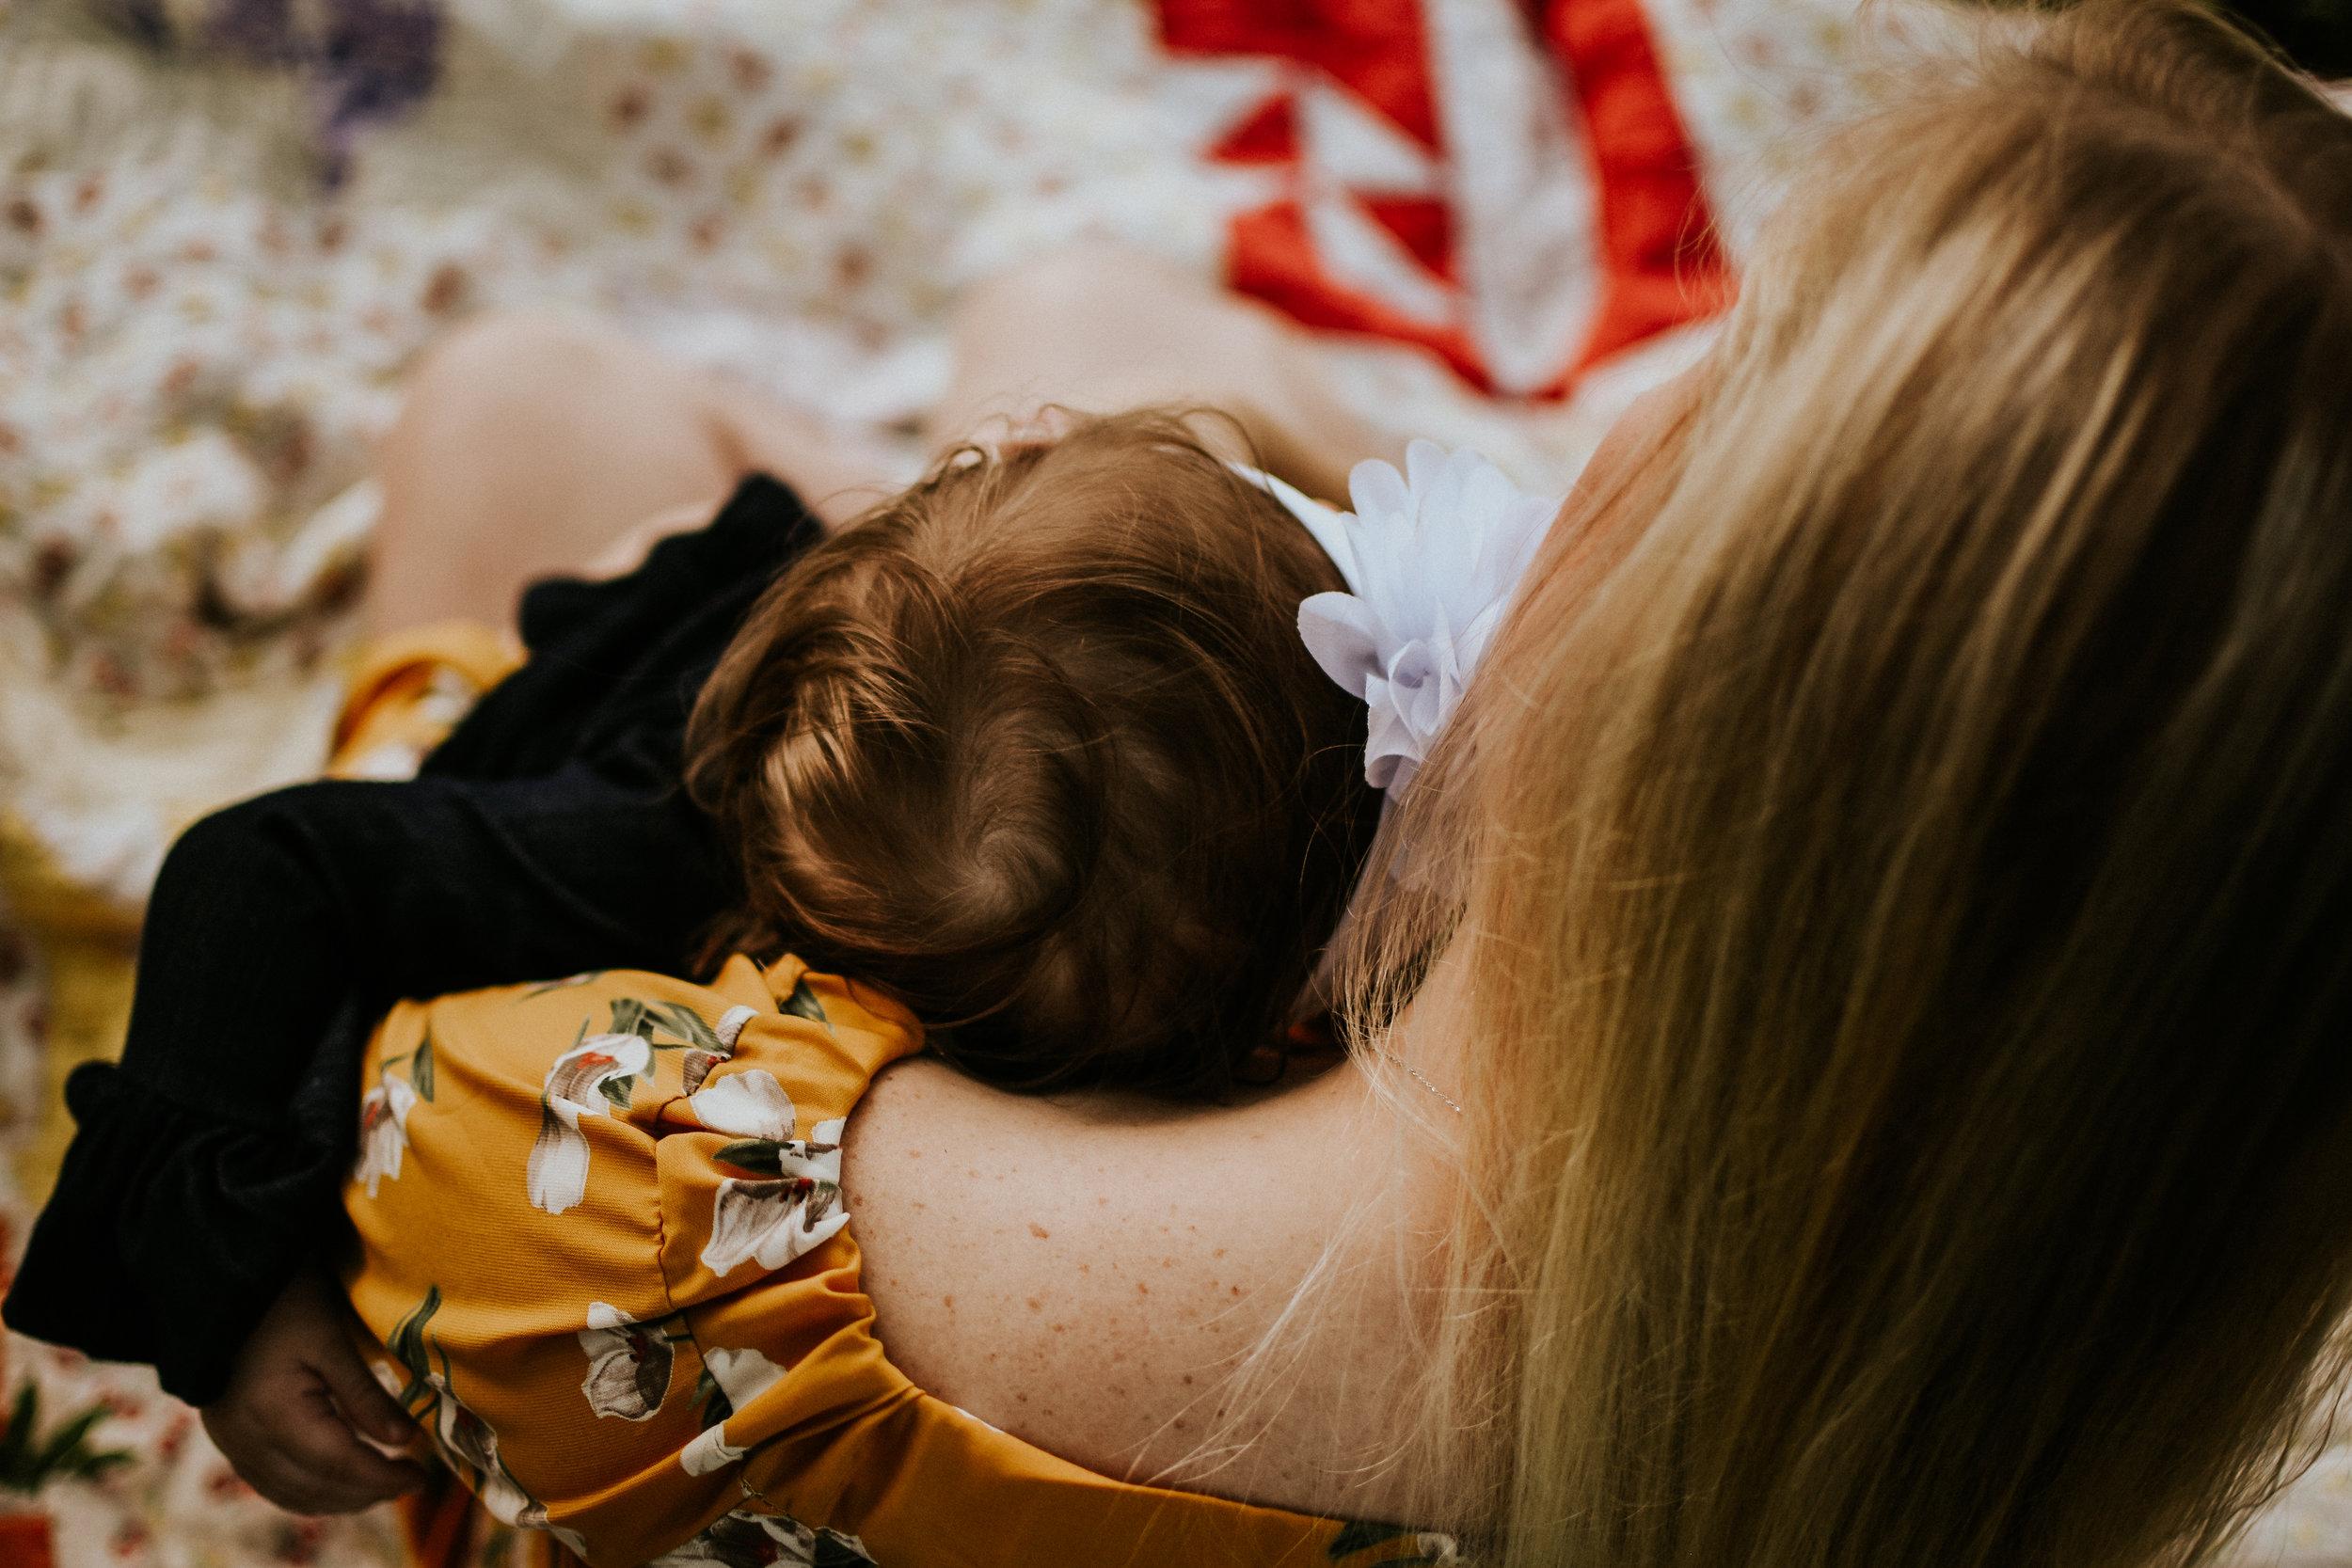 CrestviewFloridaLifestylePhotographer-MommyandMeSession-LakeJackson-FloralaAlabama-19.jpg